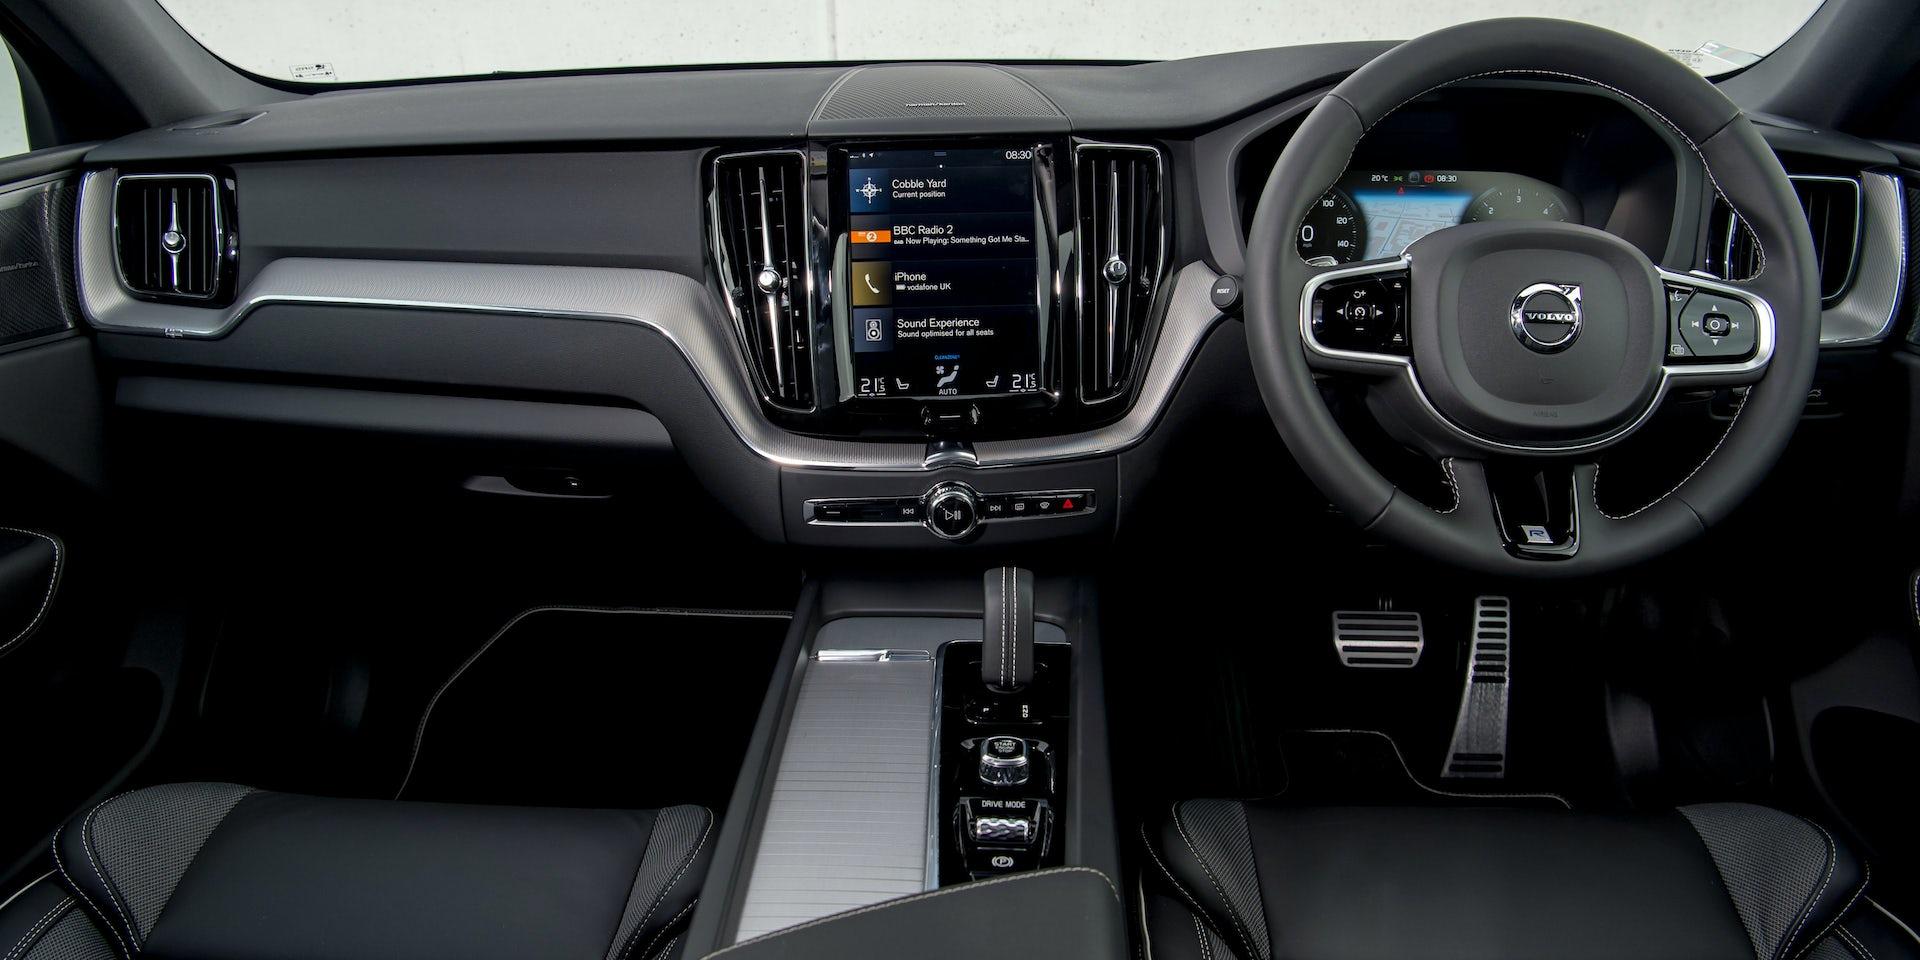 XC60-interior-dash-1.jpg?auto=format&cs=